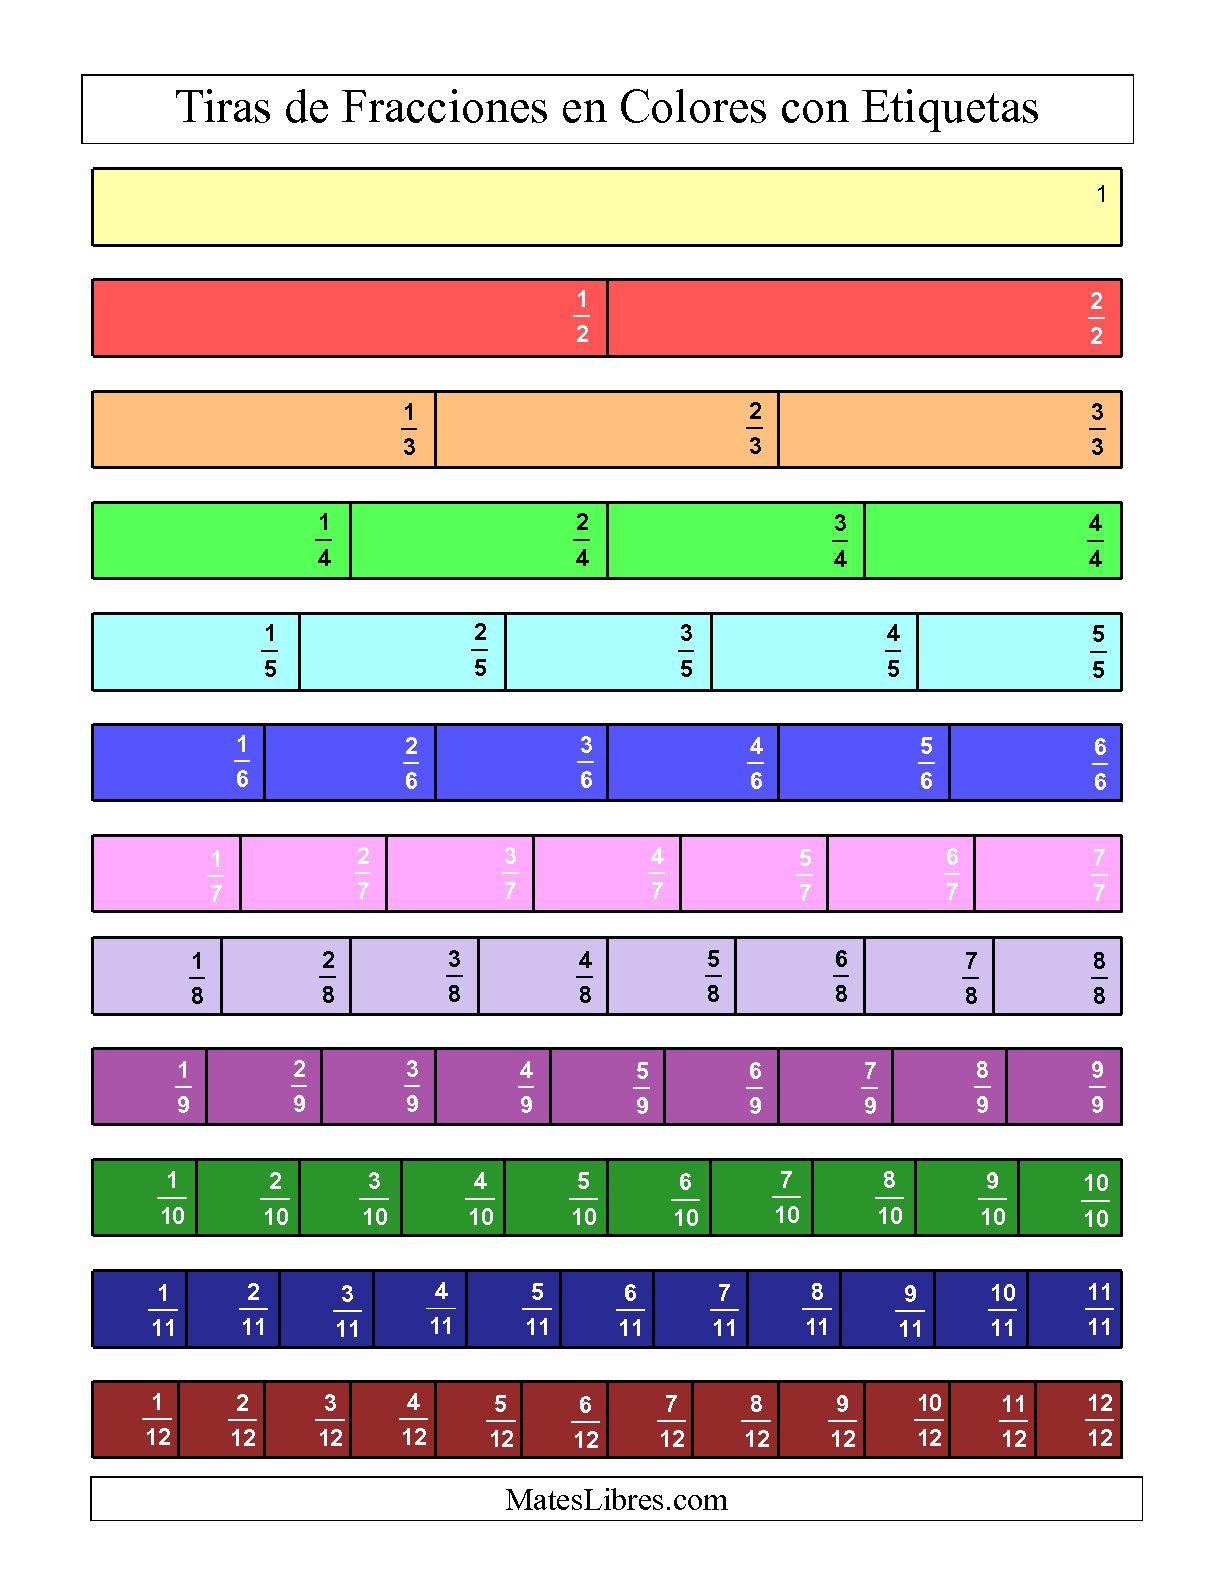 La Tiras de Fracciones a Color con Etiquetas Hoja de Ejercicio de Fracciones